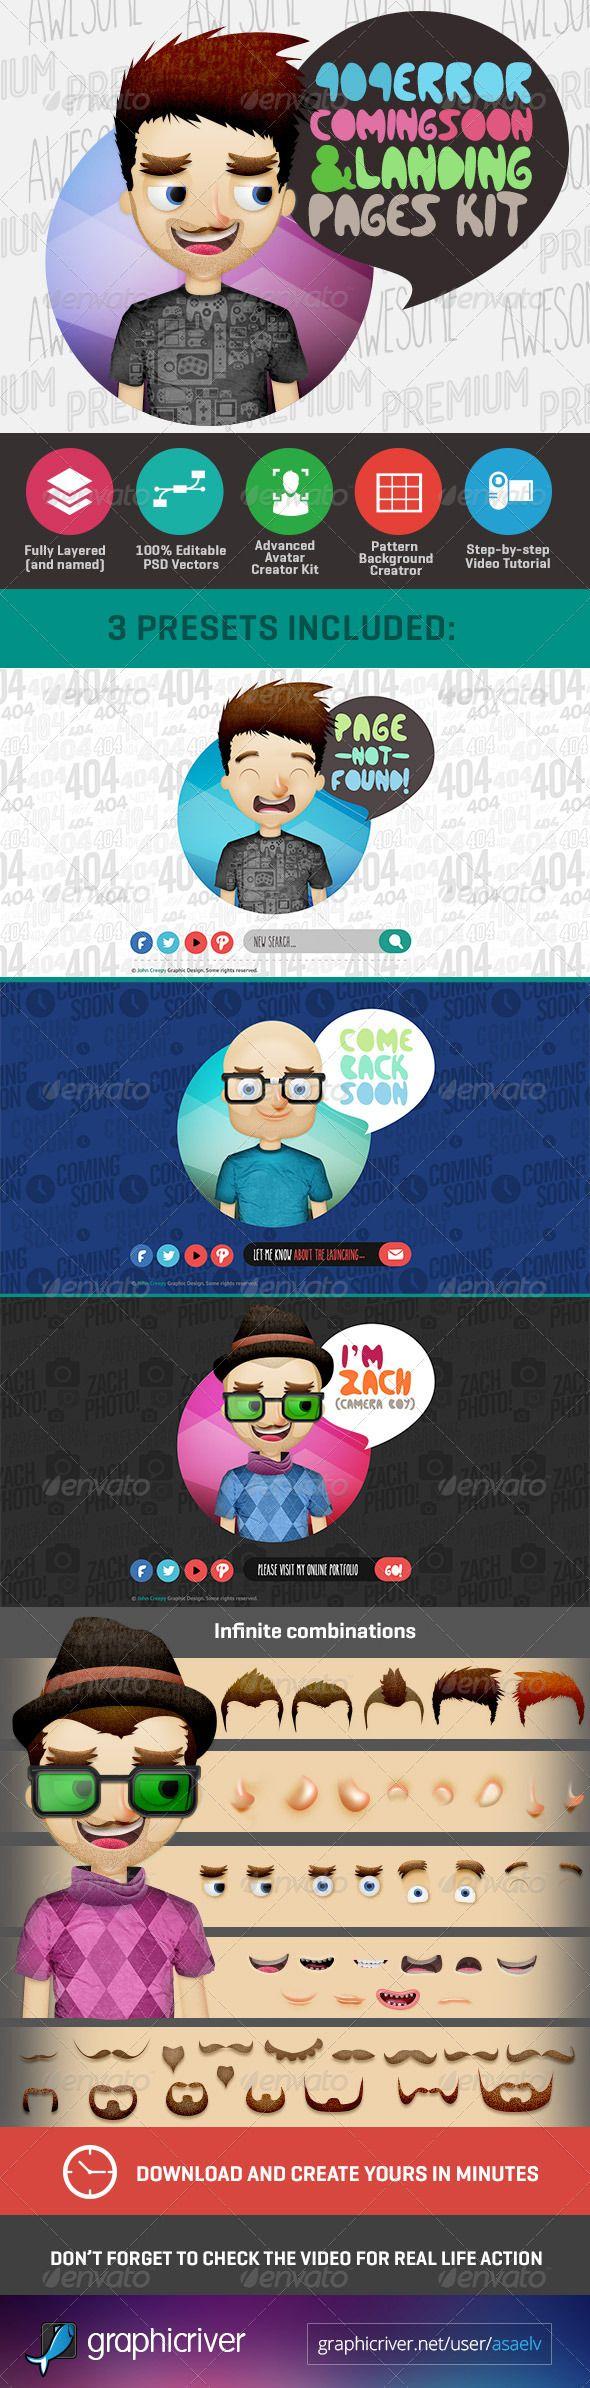 404 Page with Avatar Creator Kit - 404 Pages Web Elements  -------------  Wil je minder 404's? of gewoon een betere website? Neem dan eens vrijblijvend contact op met Budeco http://budeco.nl/contact